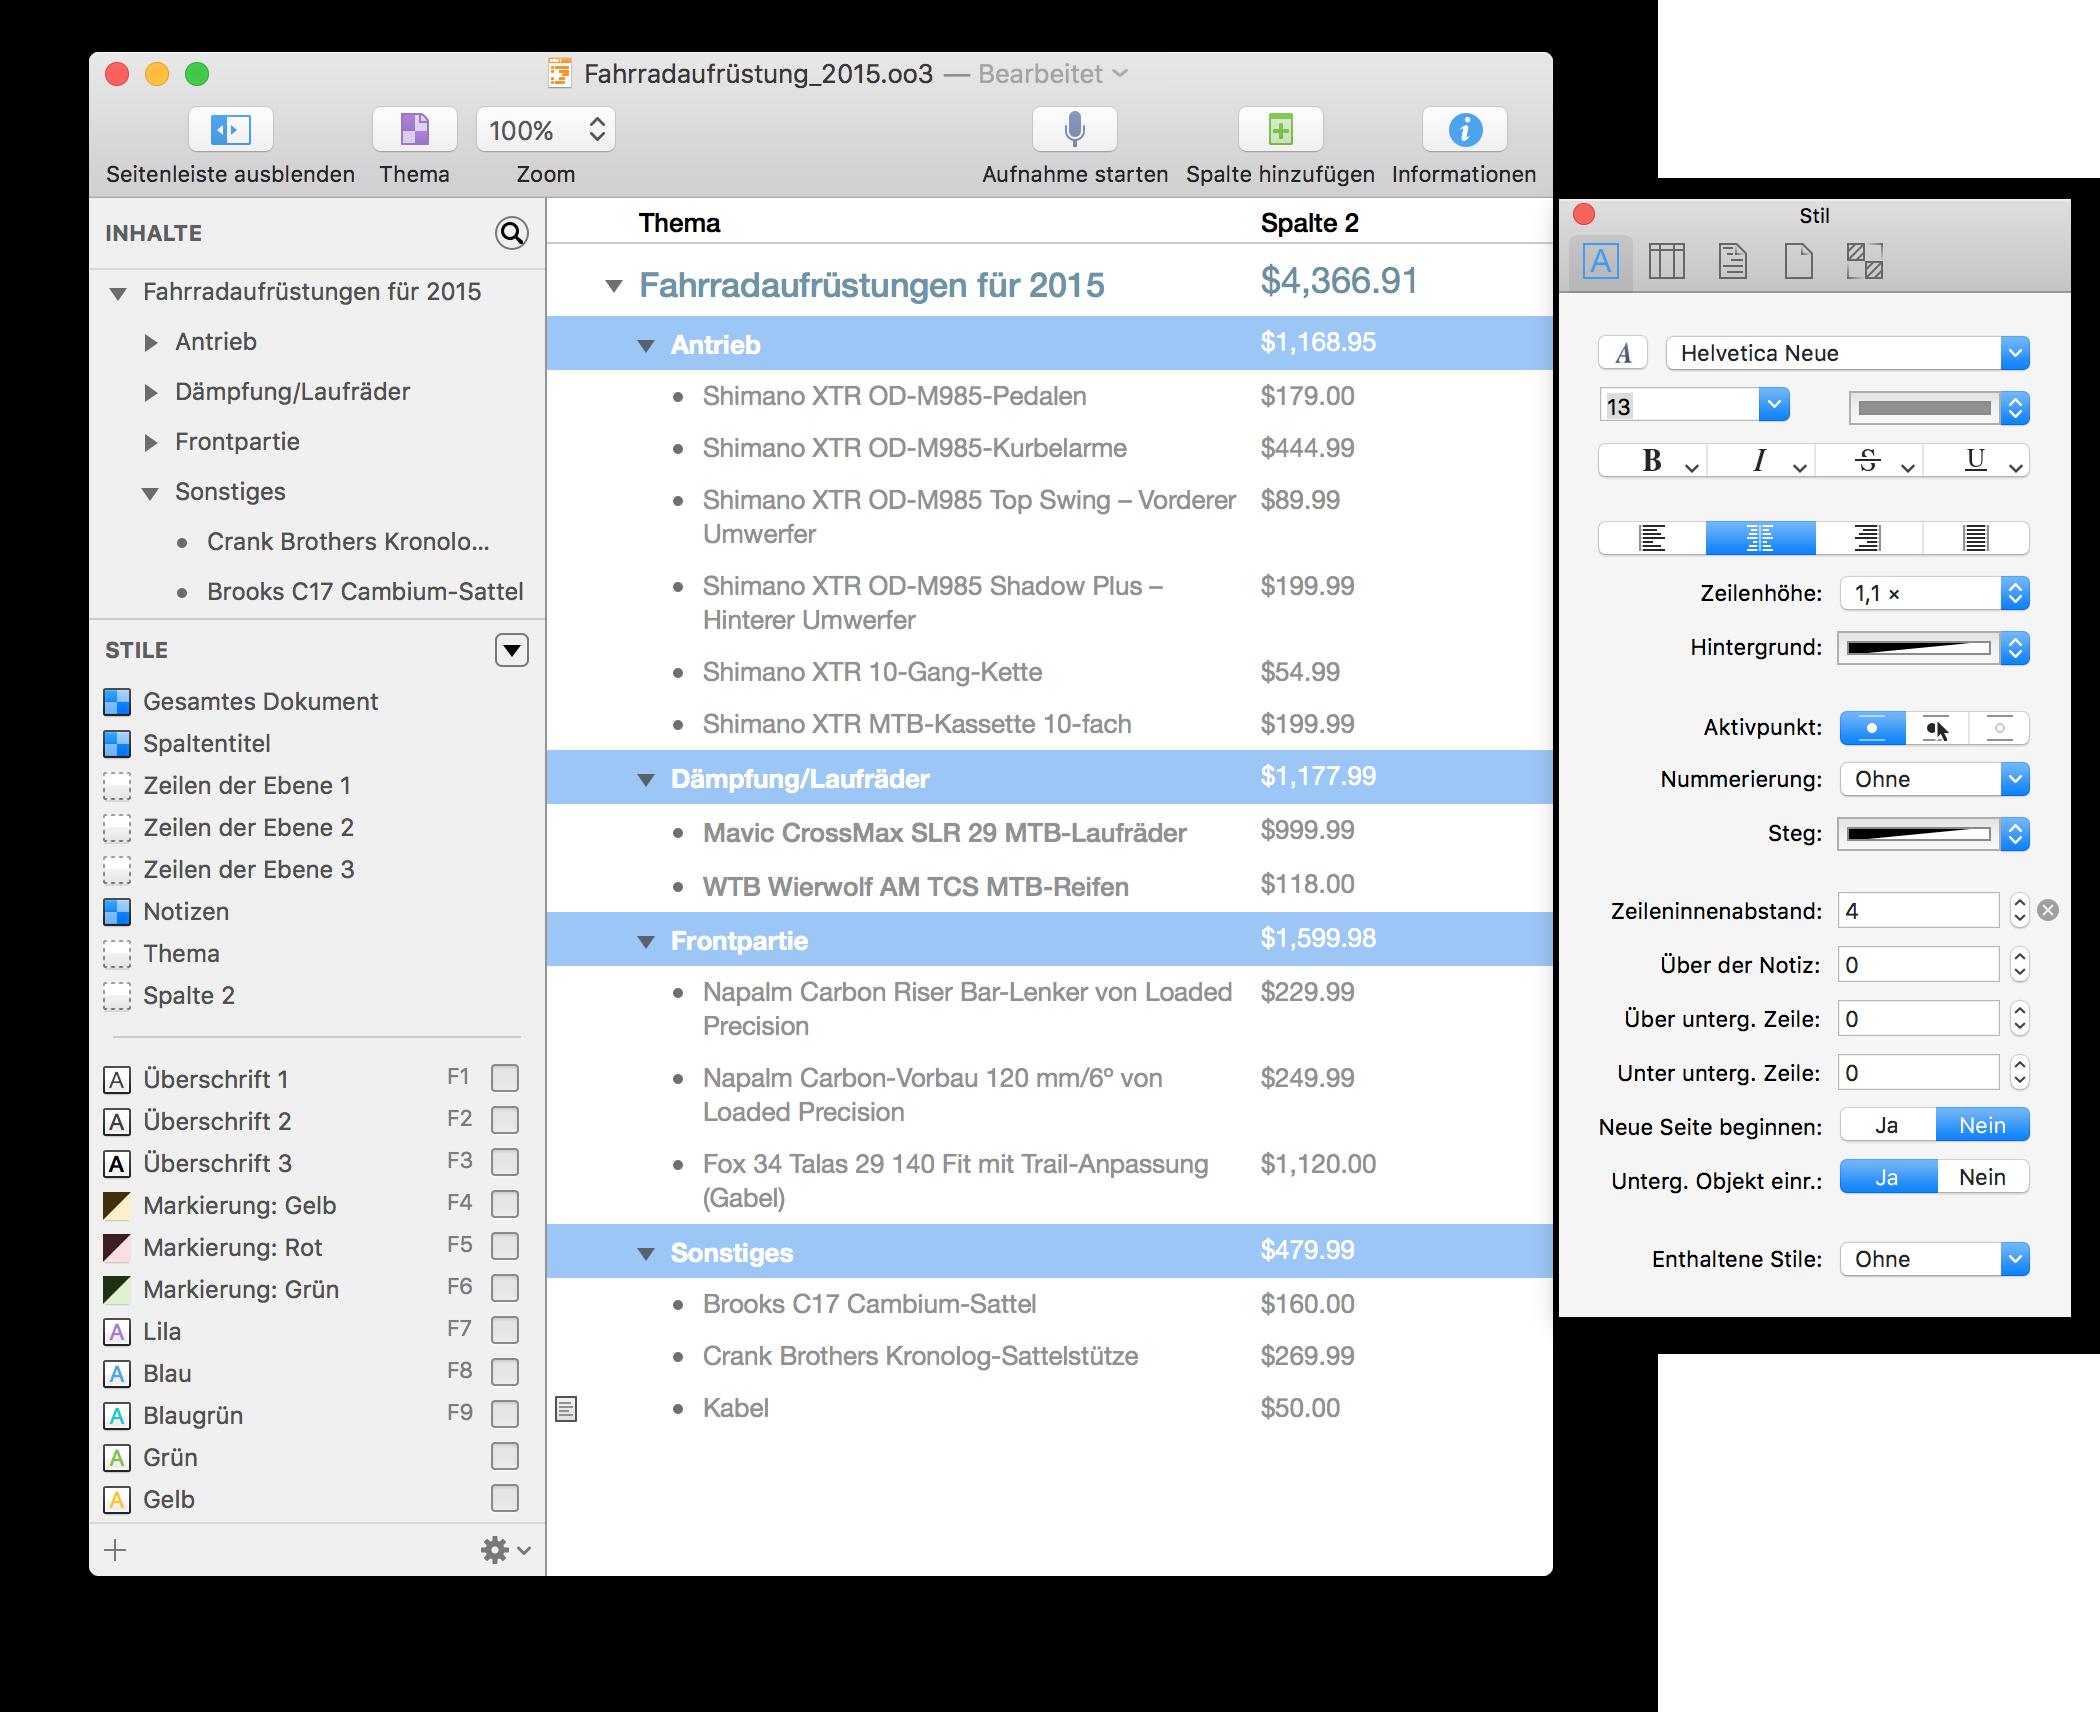 OmniOutliner 4.5.3 für Mac-Benutzerhandbuch – Einführung